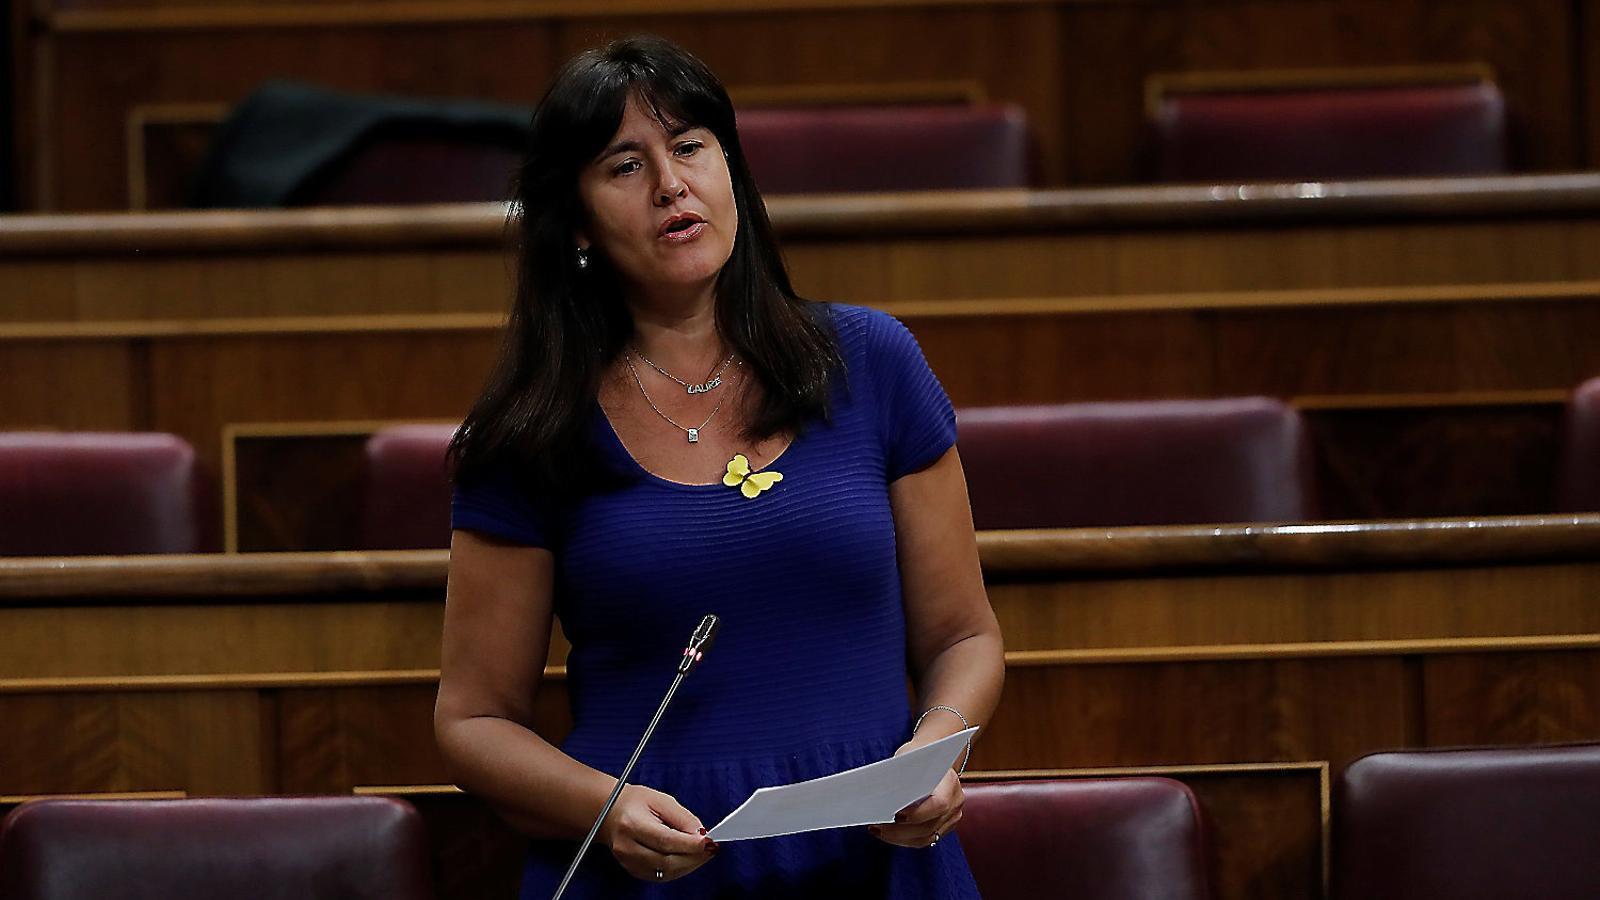 La portaveu de JxCat al Congrés, Laura Borràs, en una intervenció.